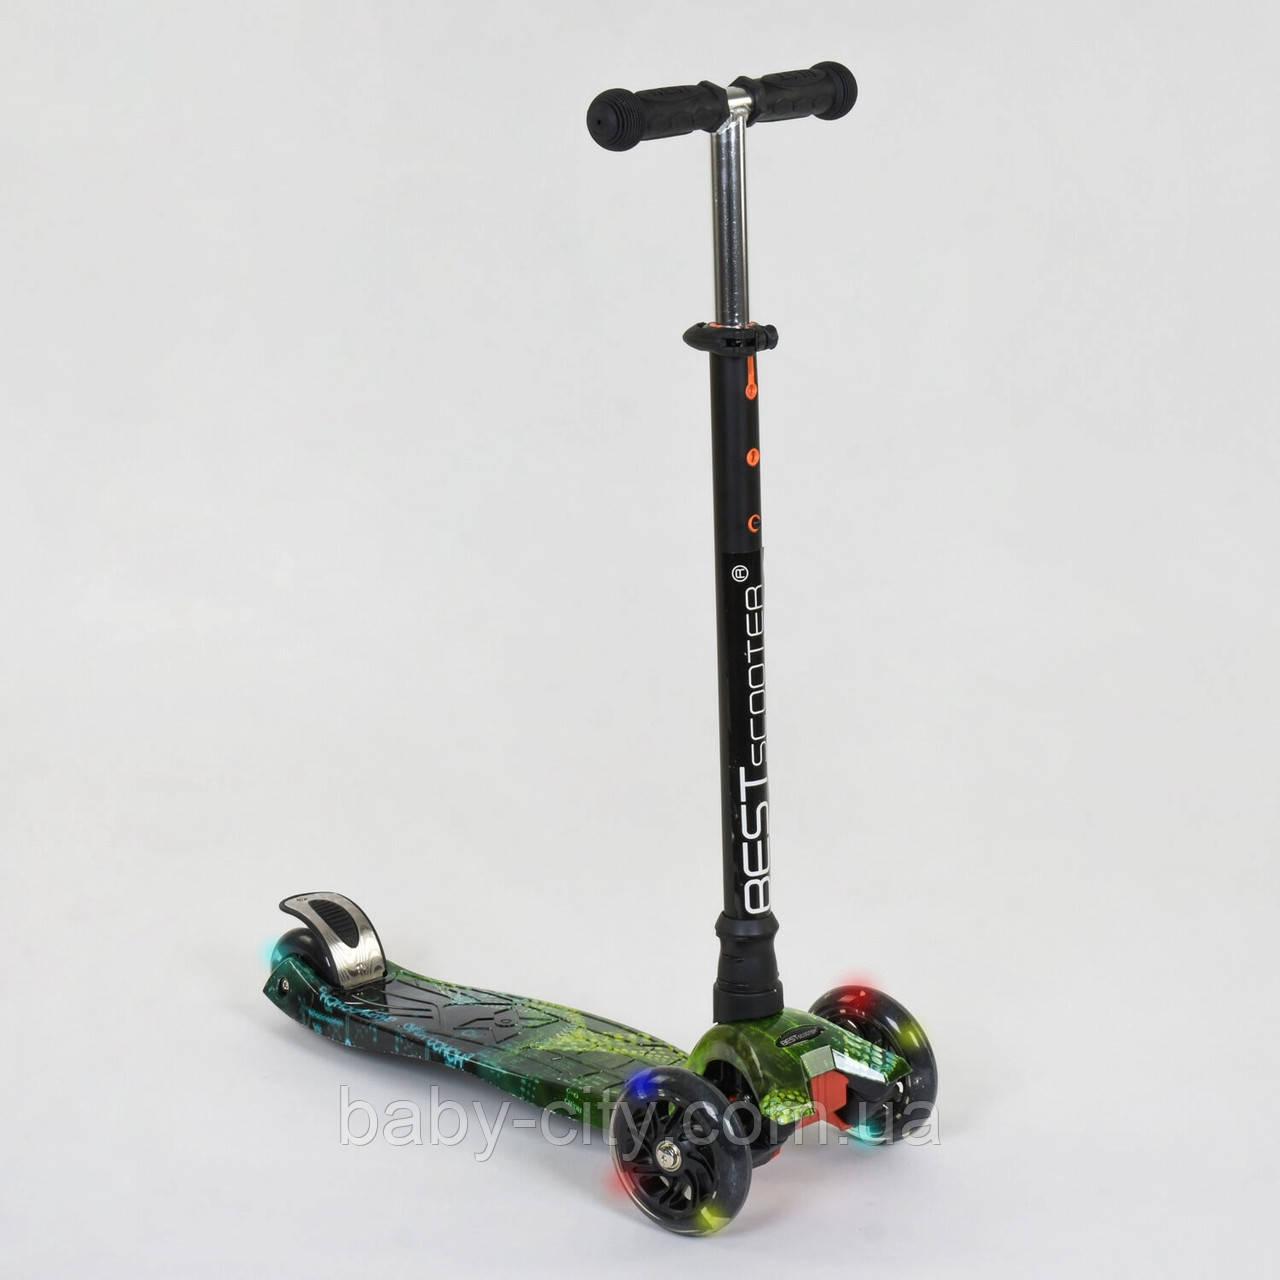 Самокат Best Scooter Maxi А 25462 /779-1317